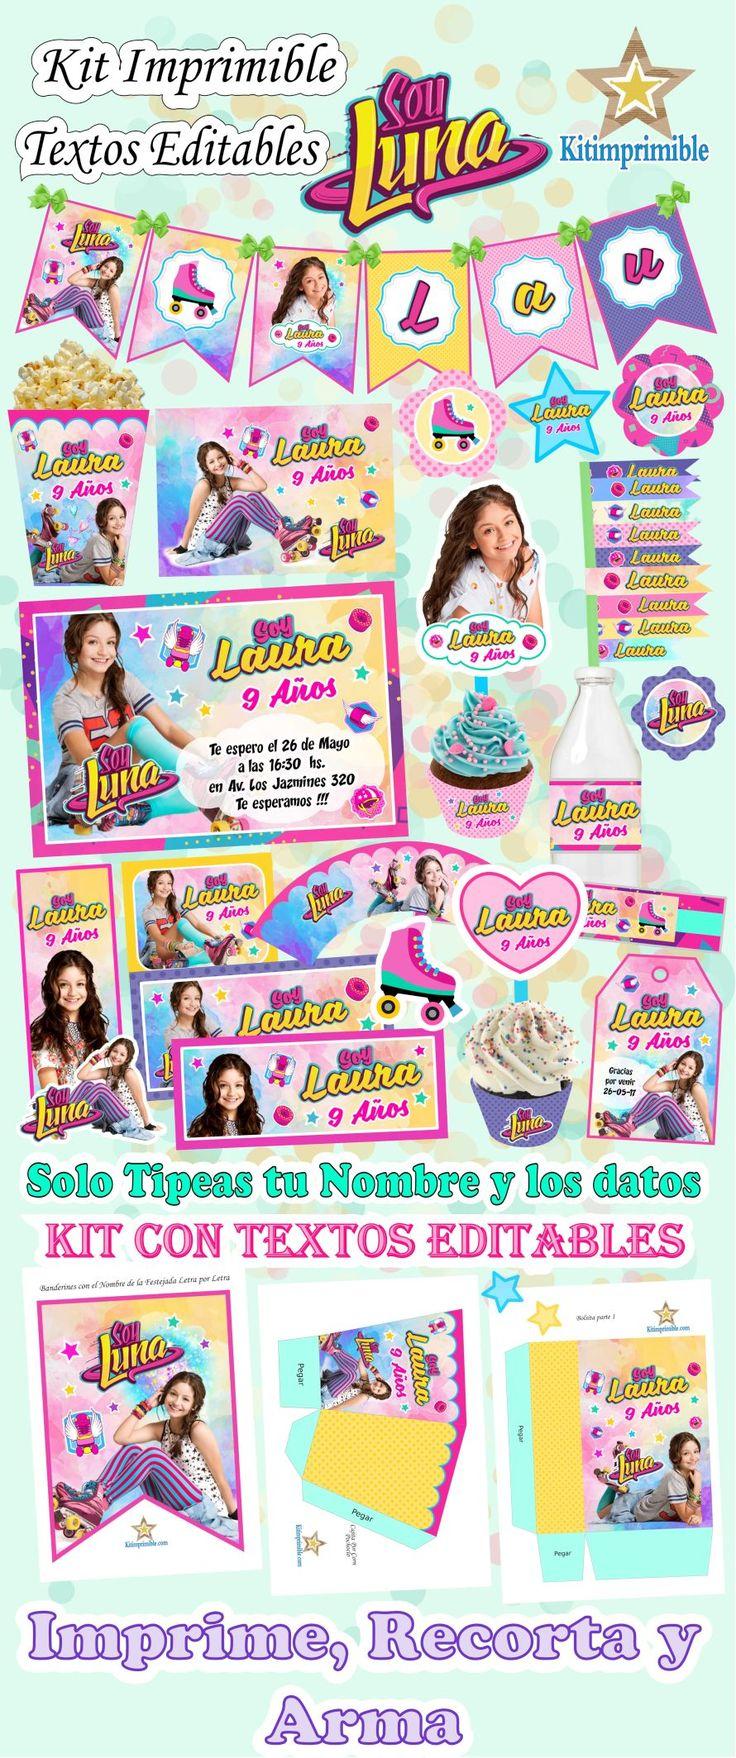 Kit Imprimible Soy Luna + Candy Bar Fiesta Textos Editables - $ 29.500